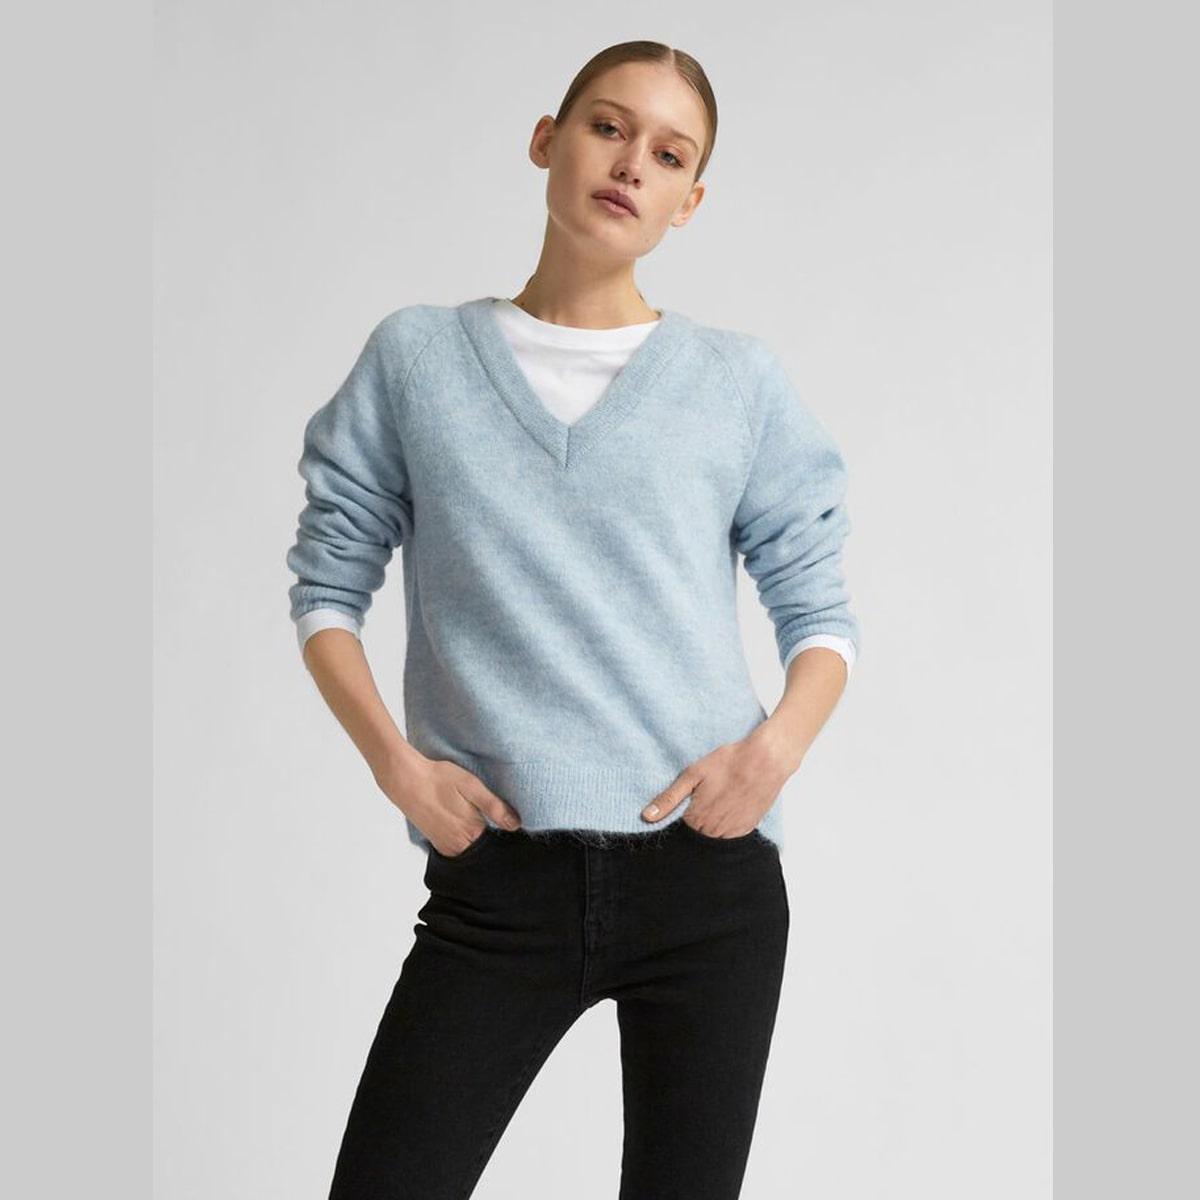 Knit V-Neck Cashmere Blue Jumper Selected Femme   Restoration Yard